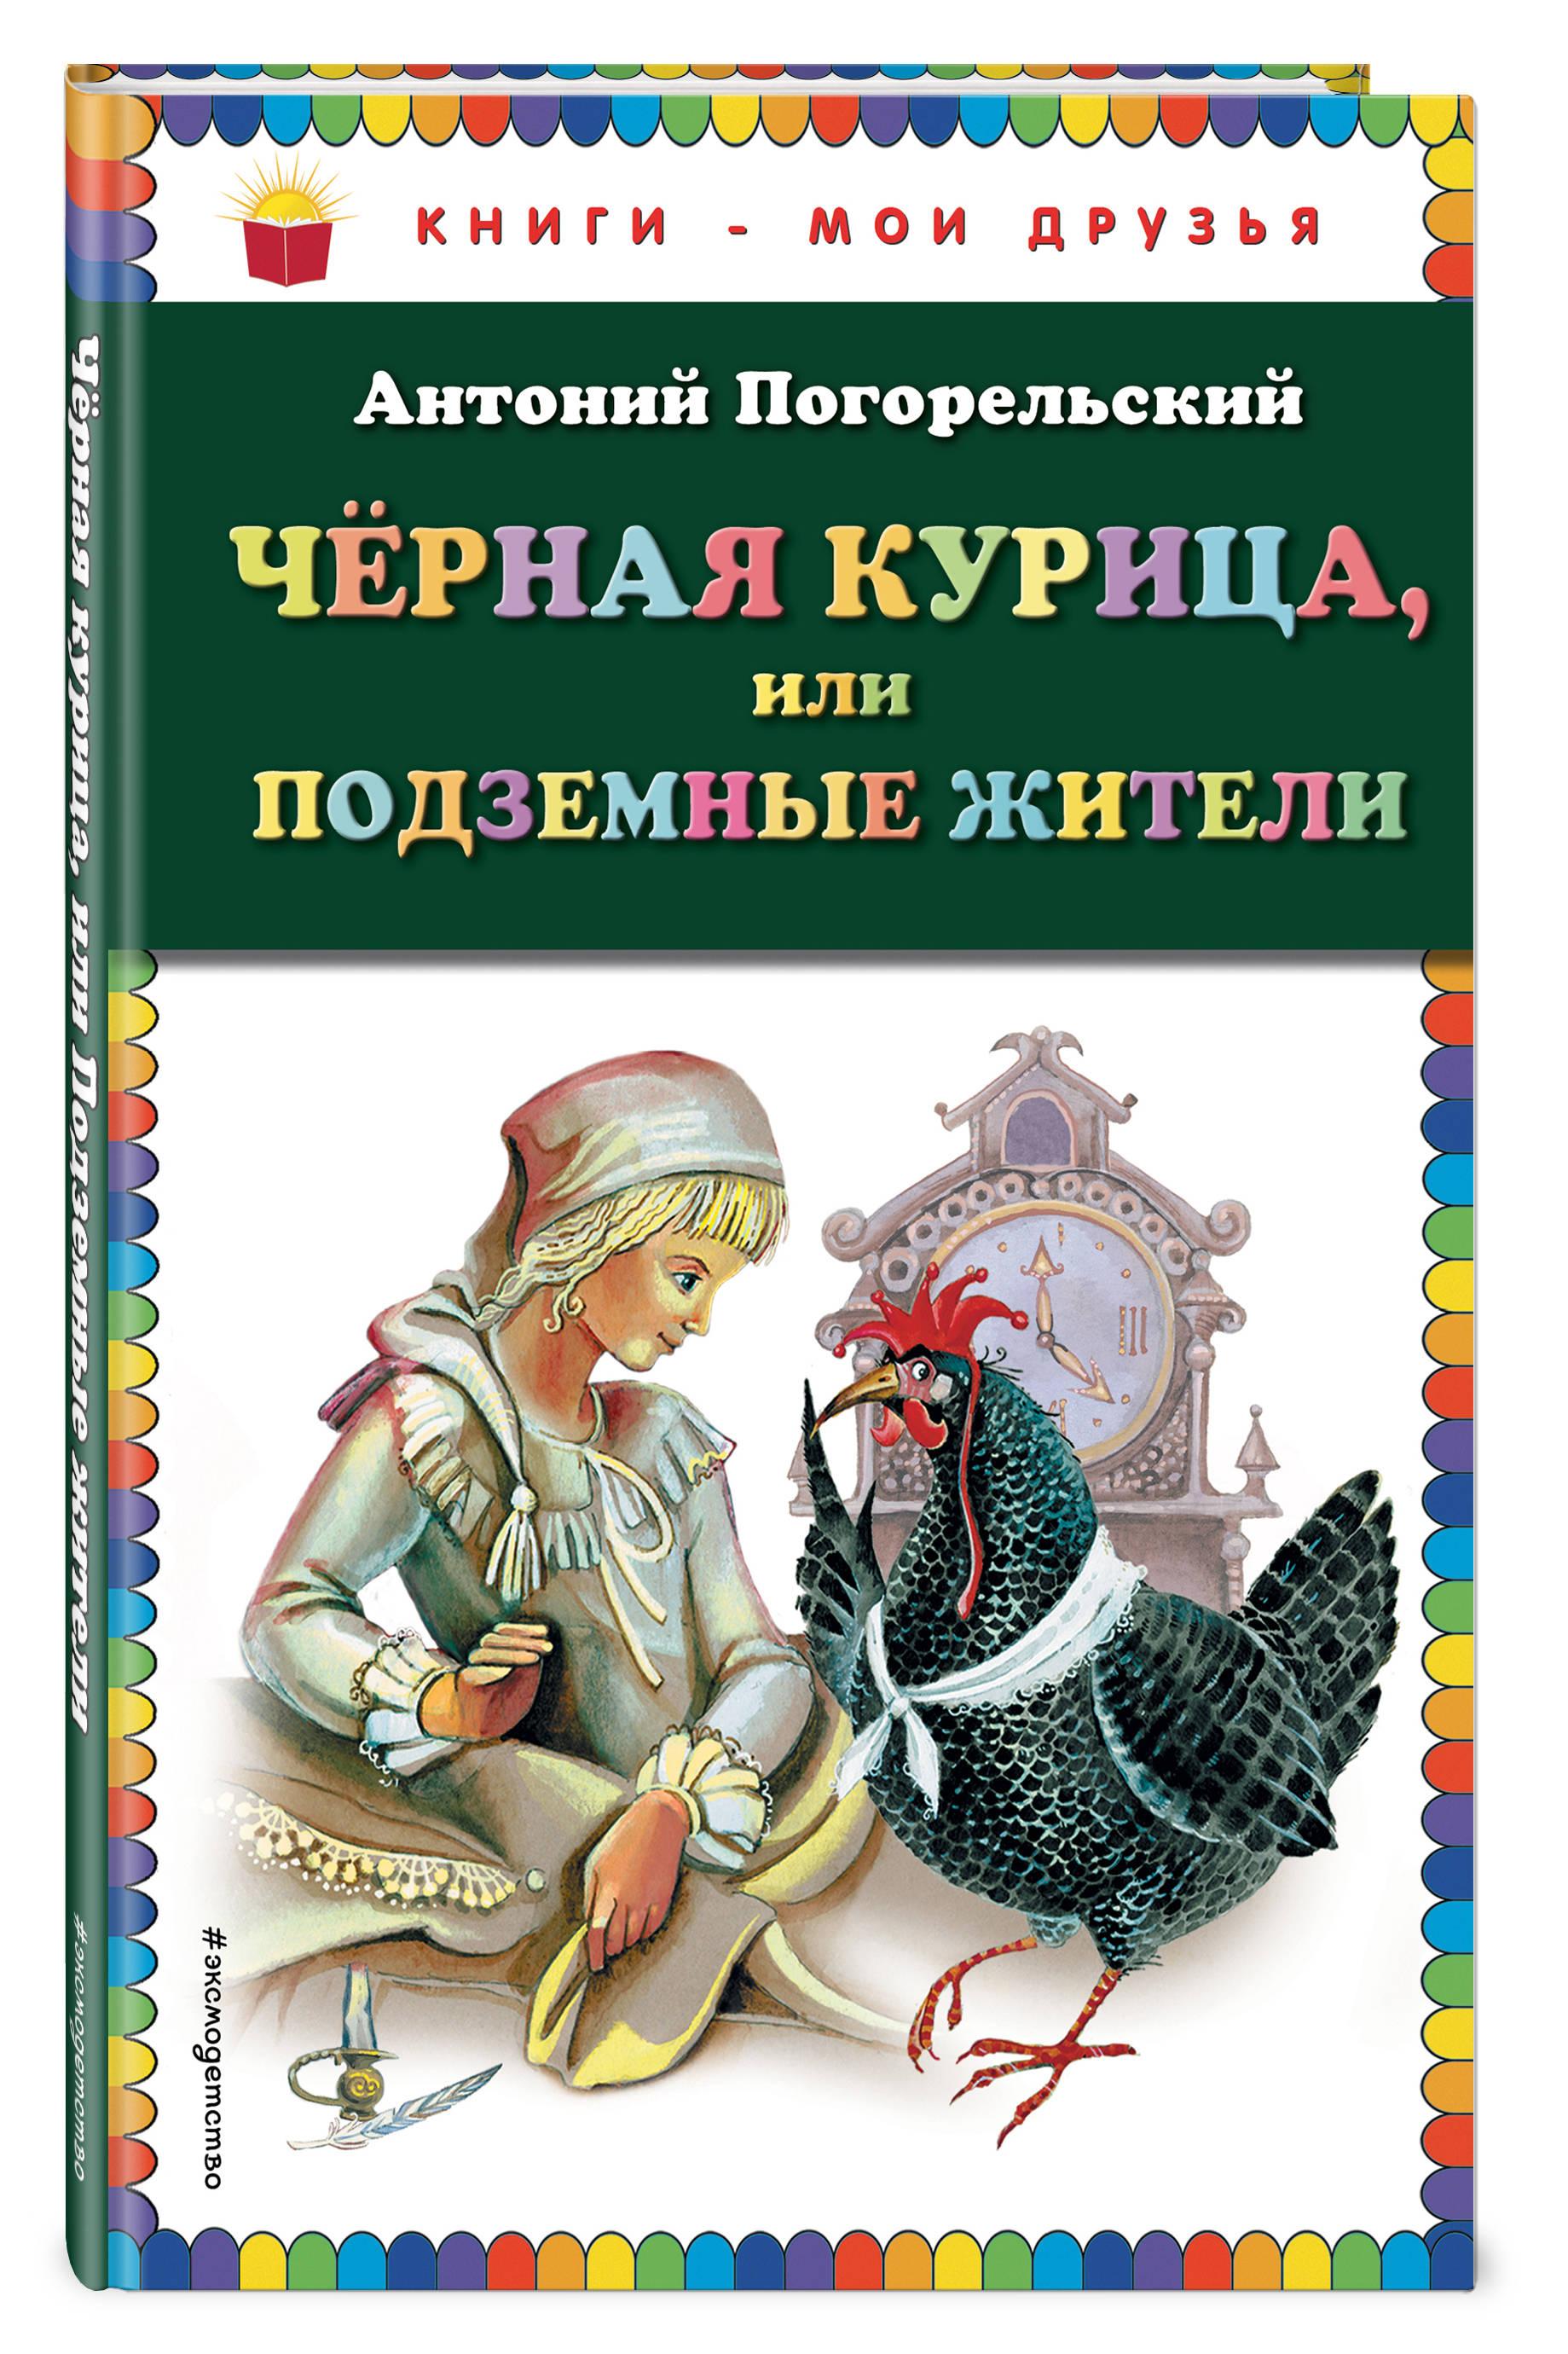 Погорельский А. Чёрная курица, или Подземные жители (ил. М. Митрофанова) чёрная курица или подземные жители